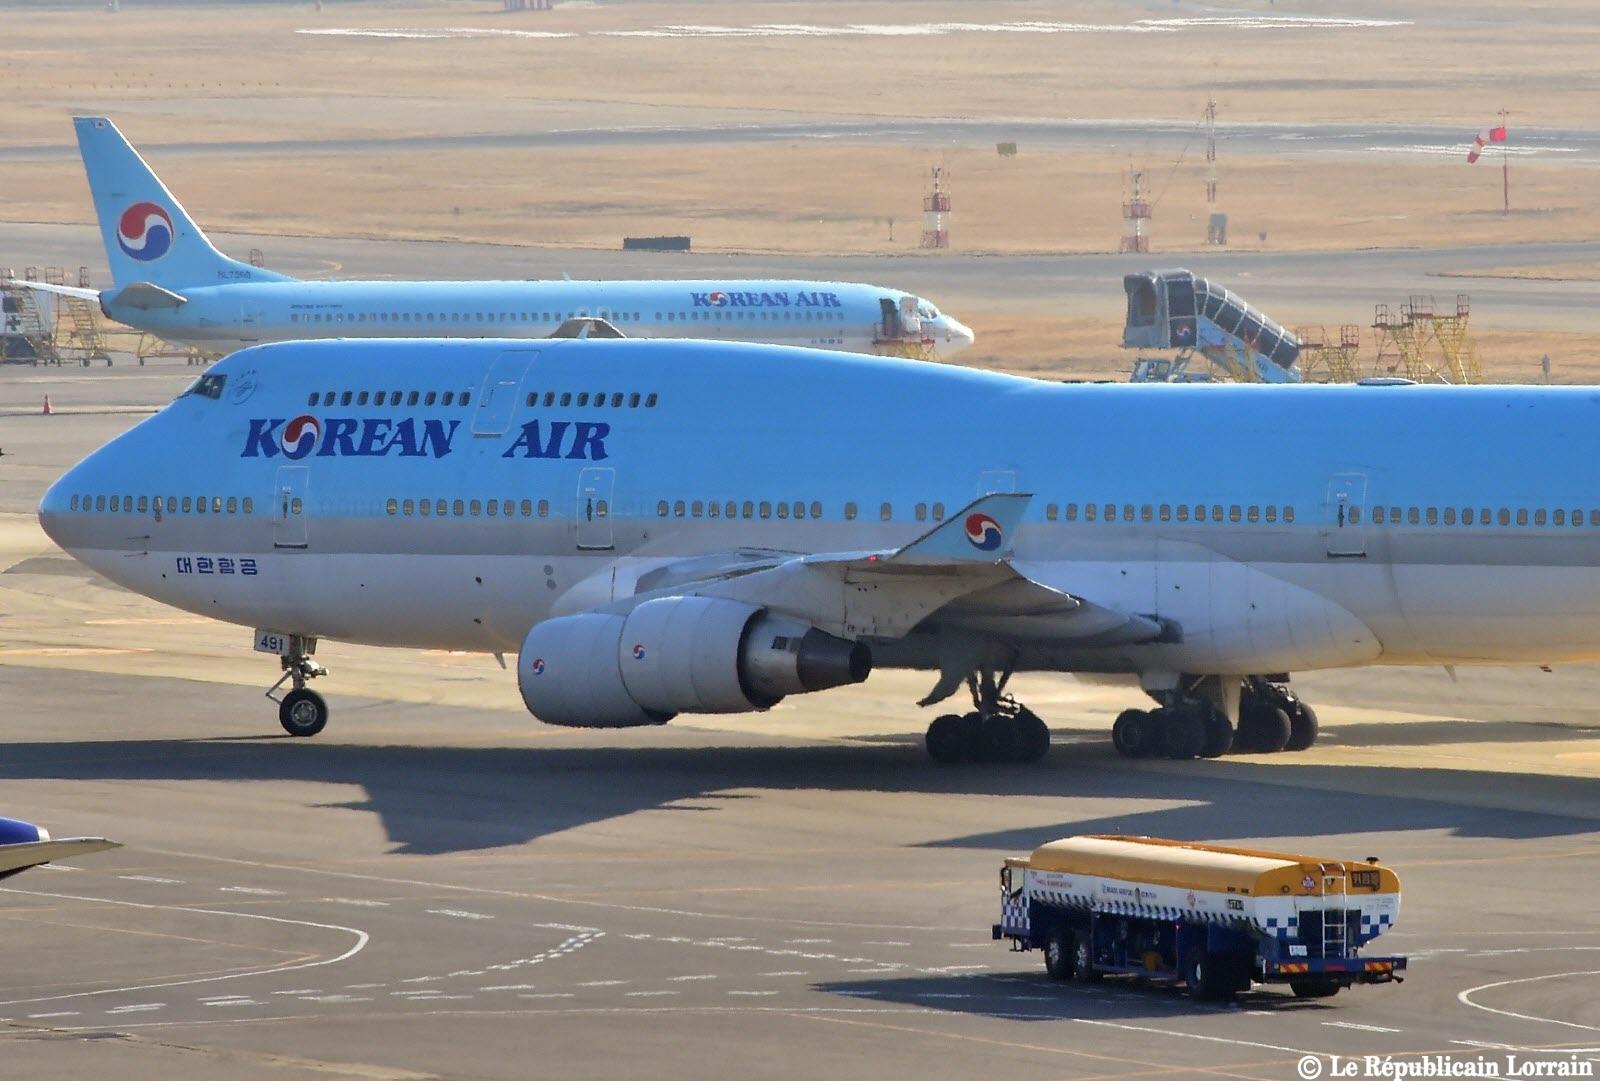 Scandale des noix d'apéritif: le parquet demande l'arrestation de l'héritière de Korean Air